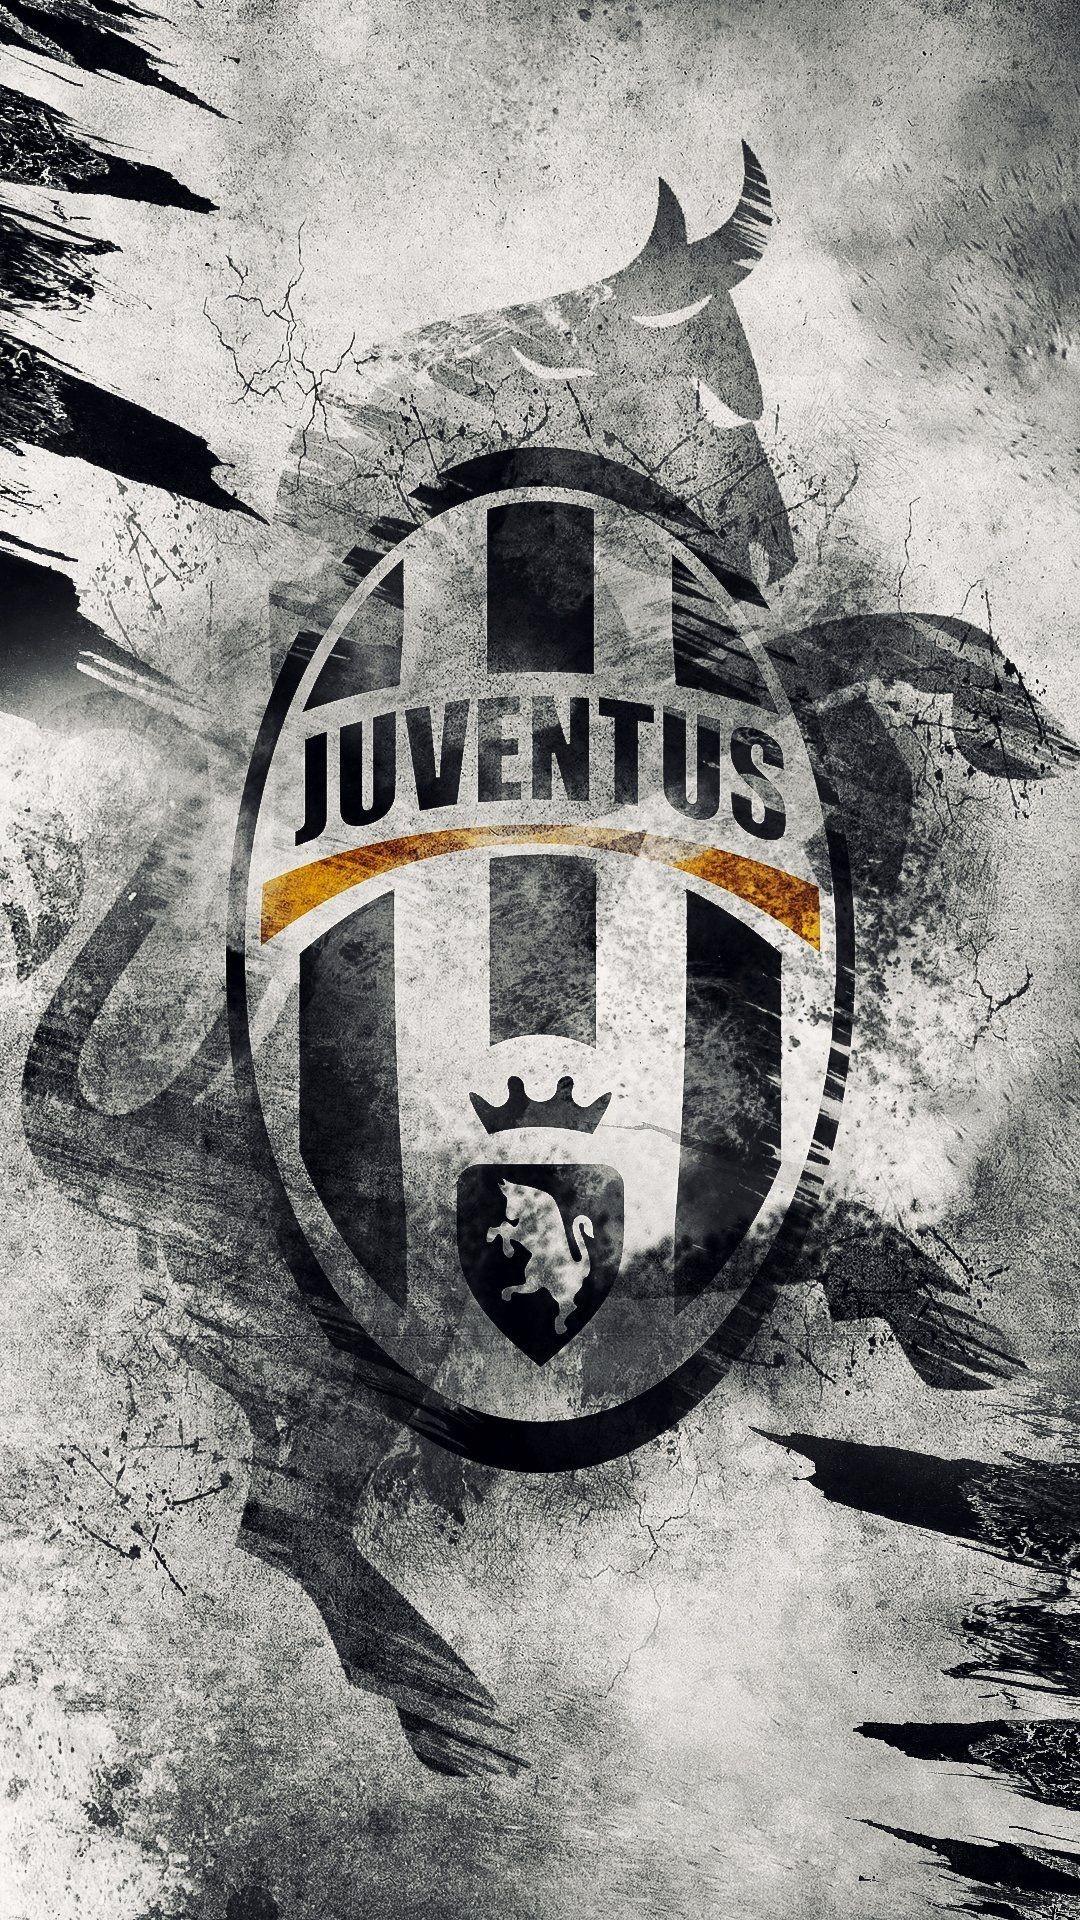 Juventus Fc Logo Hd Wallpaper Juventus 1080x1920 Wallpaper Teahub Io